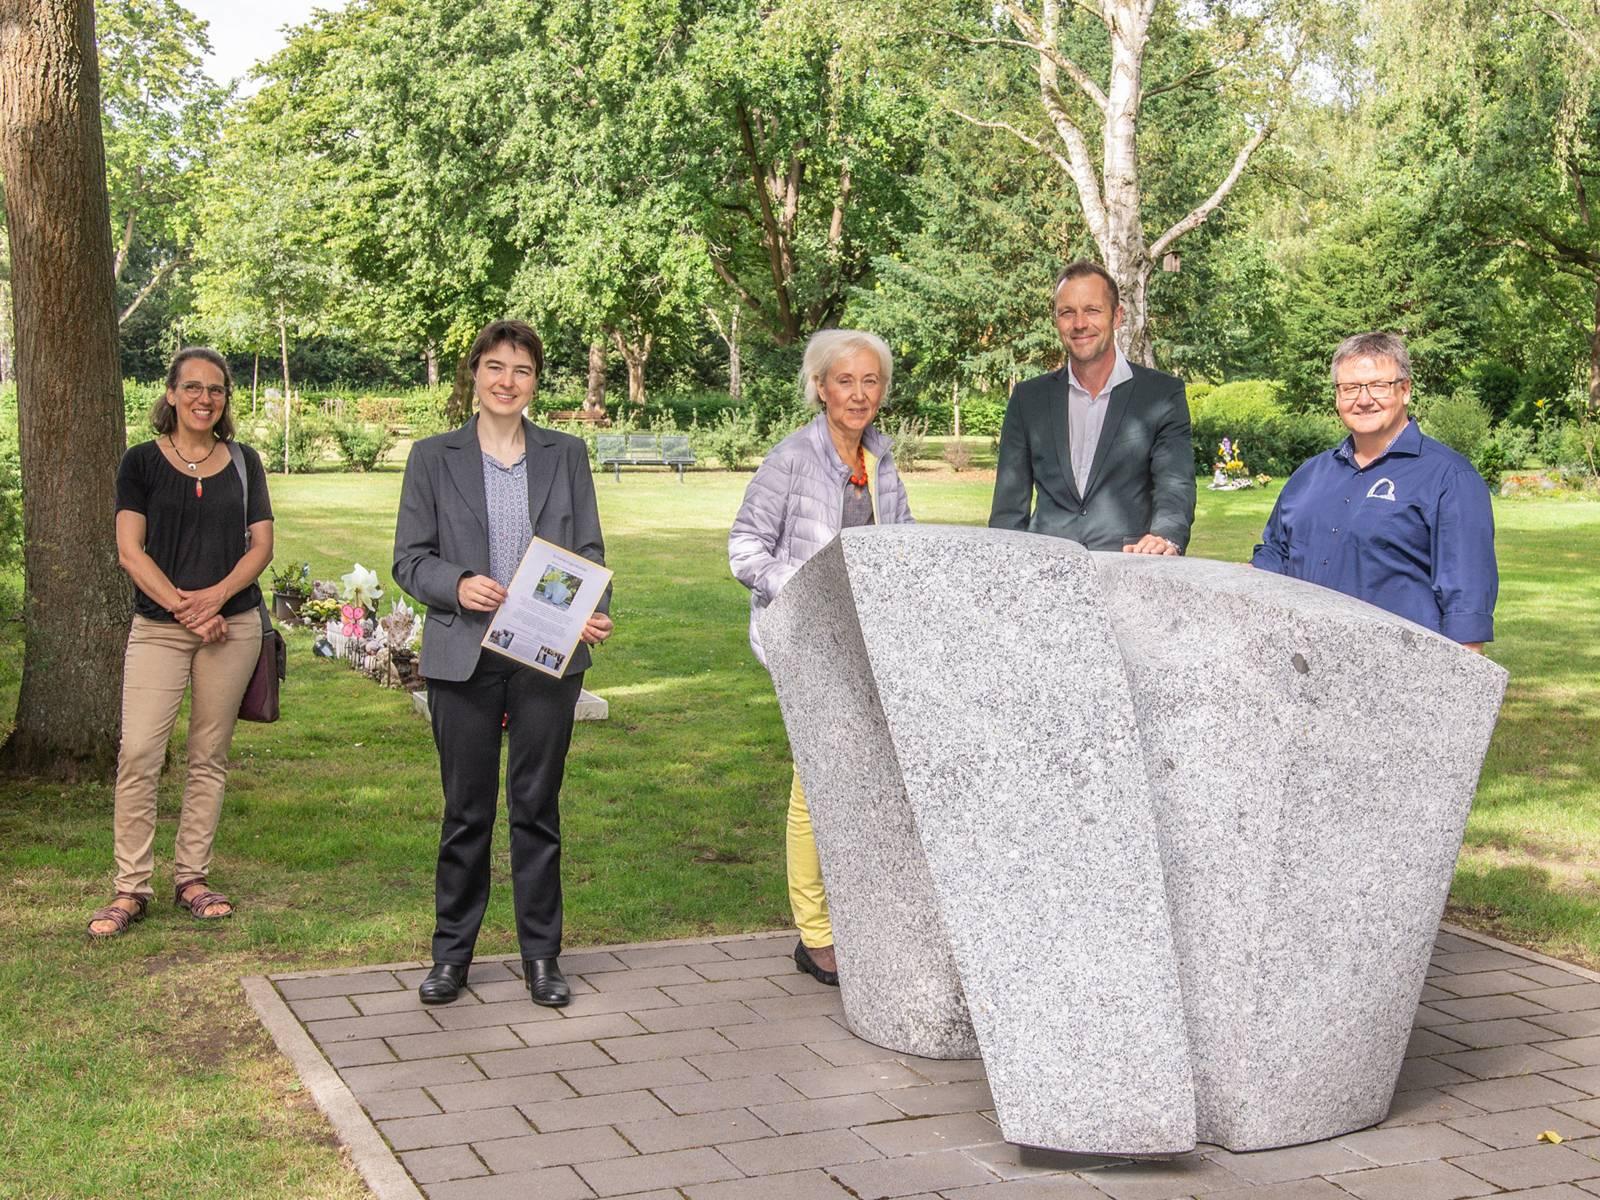 Fünf Personen stehen bei einer Skulptur auf einem Friedhof